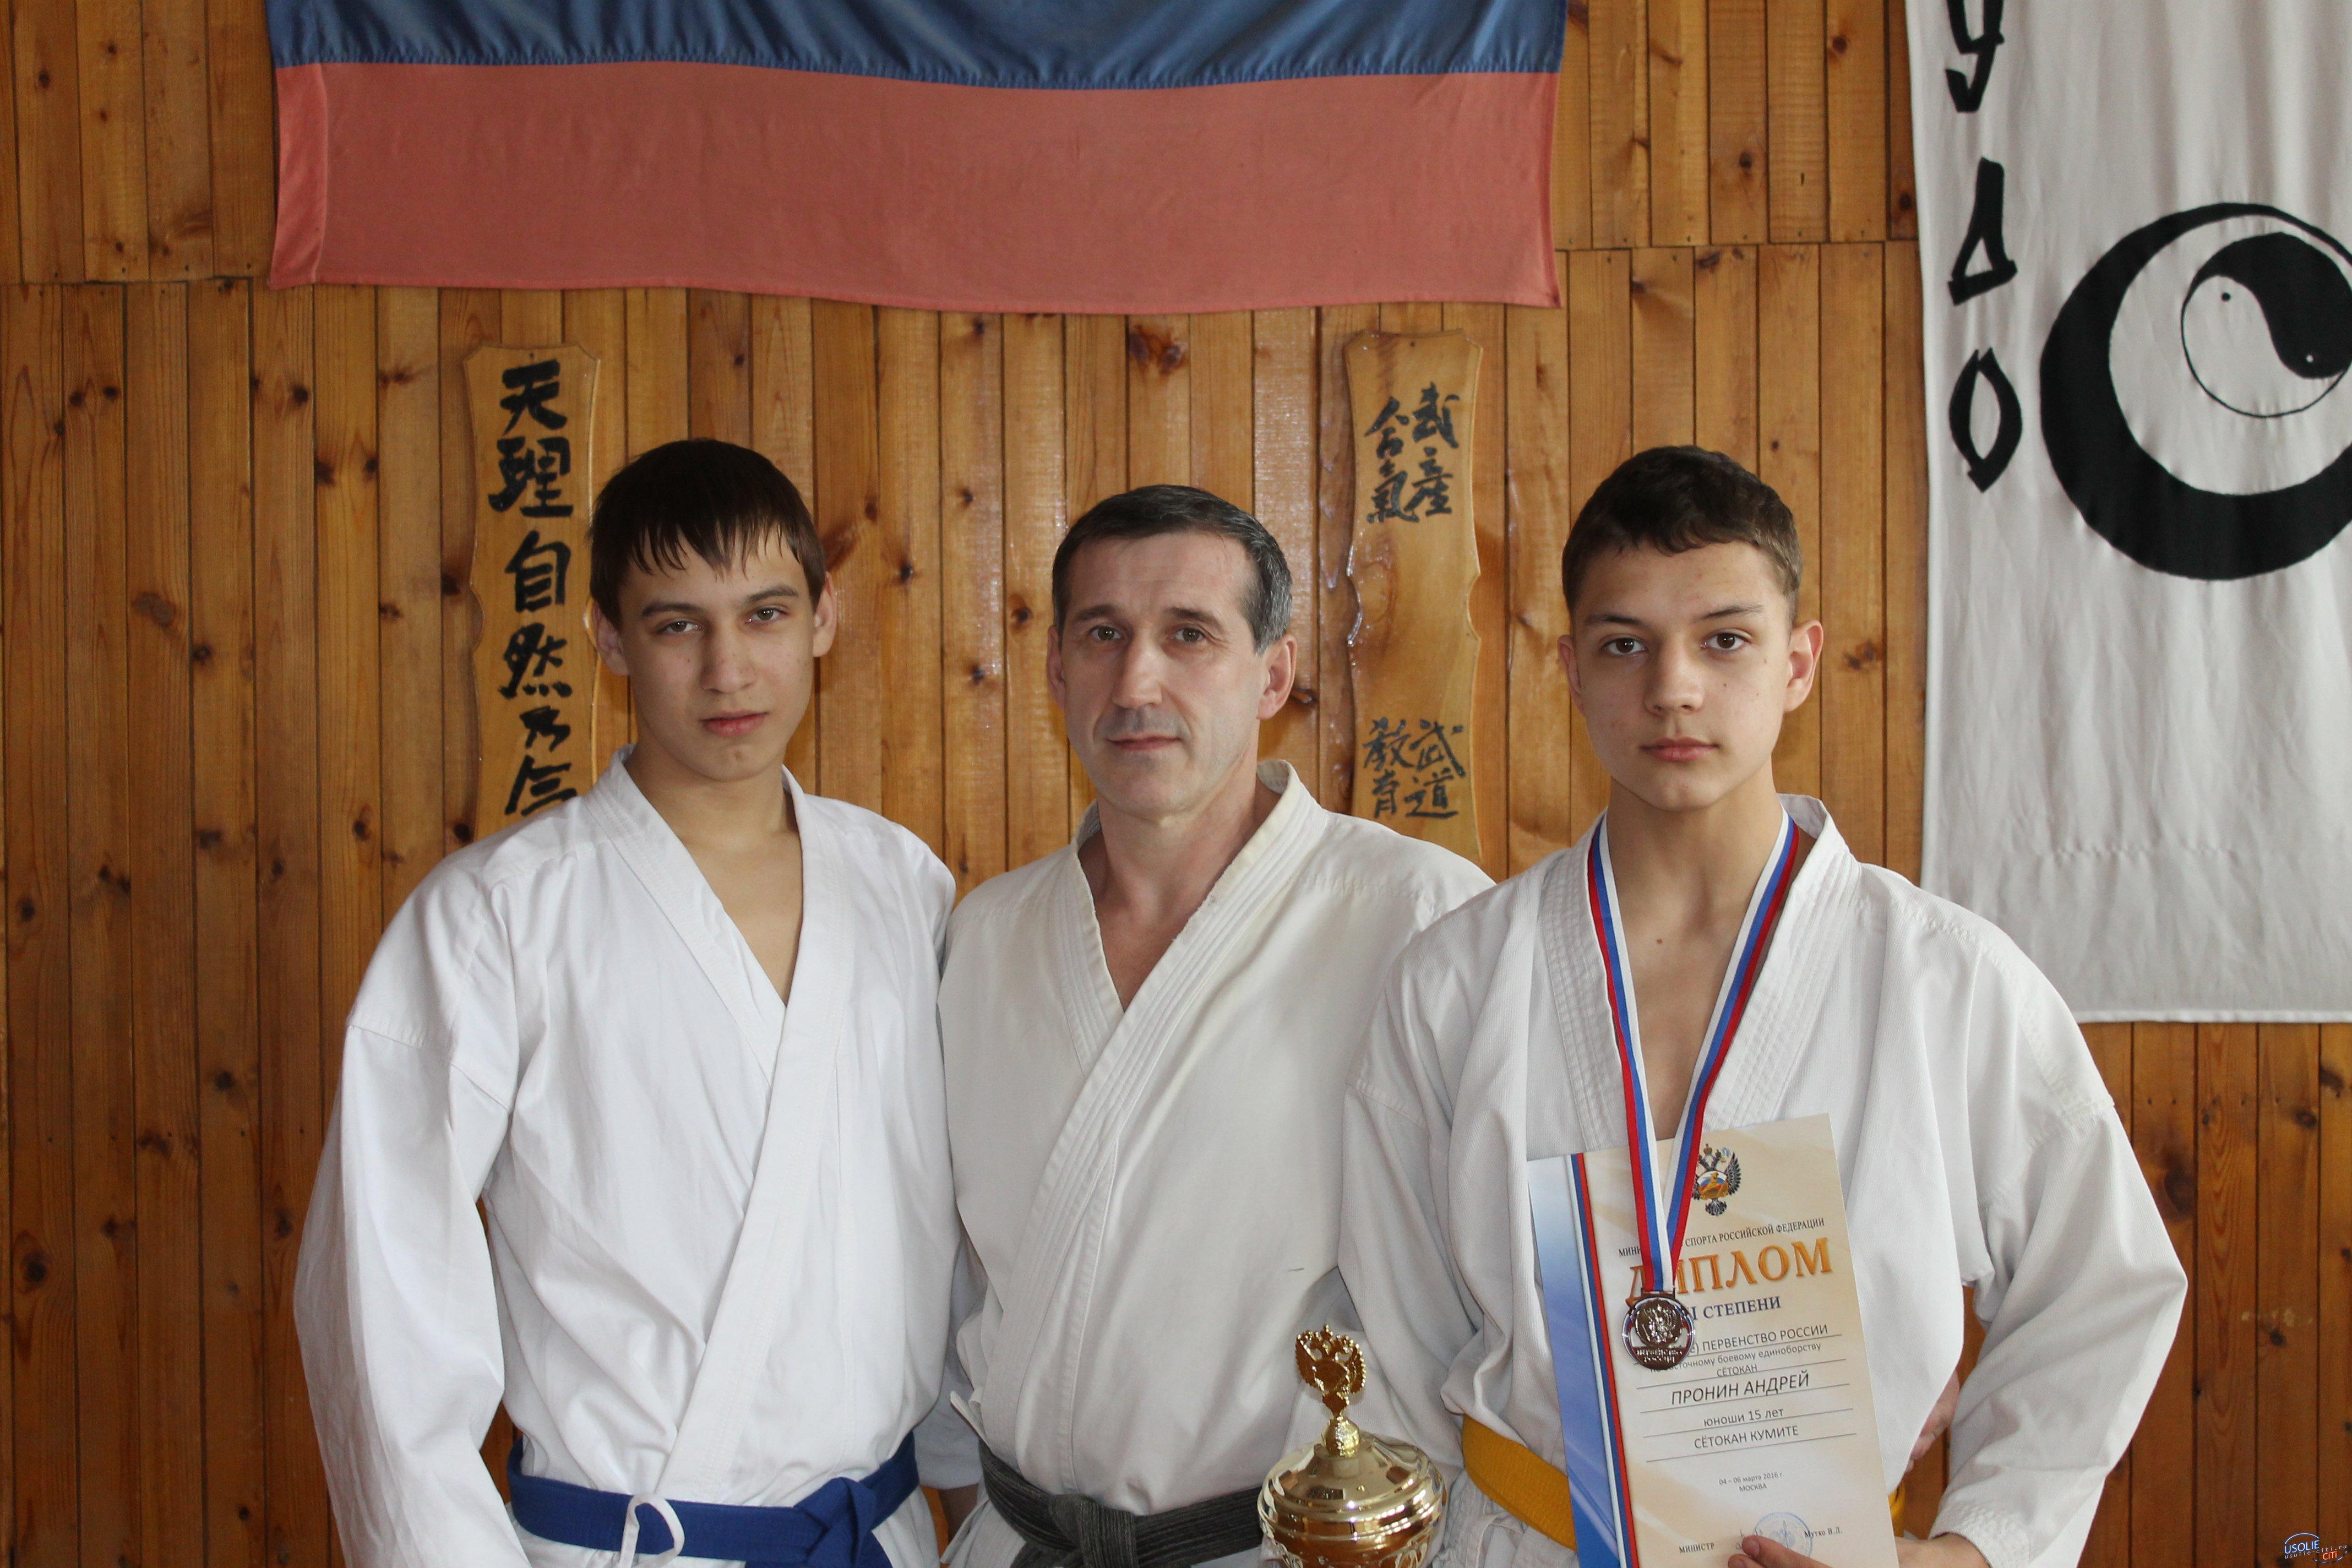 Евгений Ахантьев - Лица Усолья. С днем рождения, тренер!